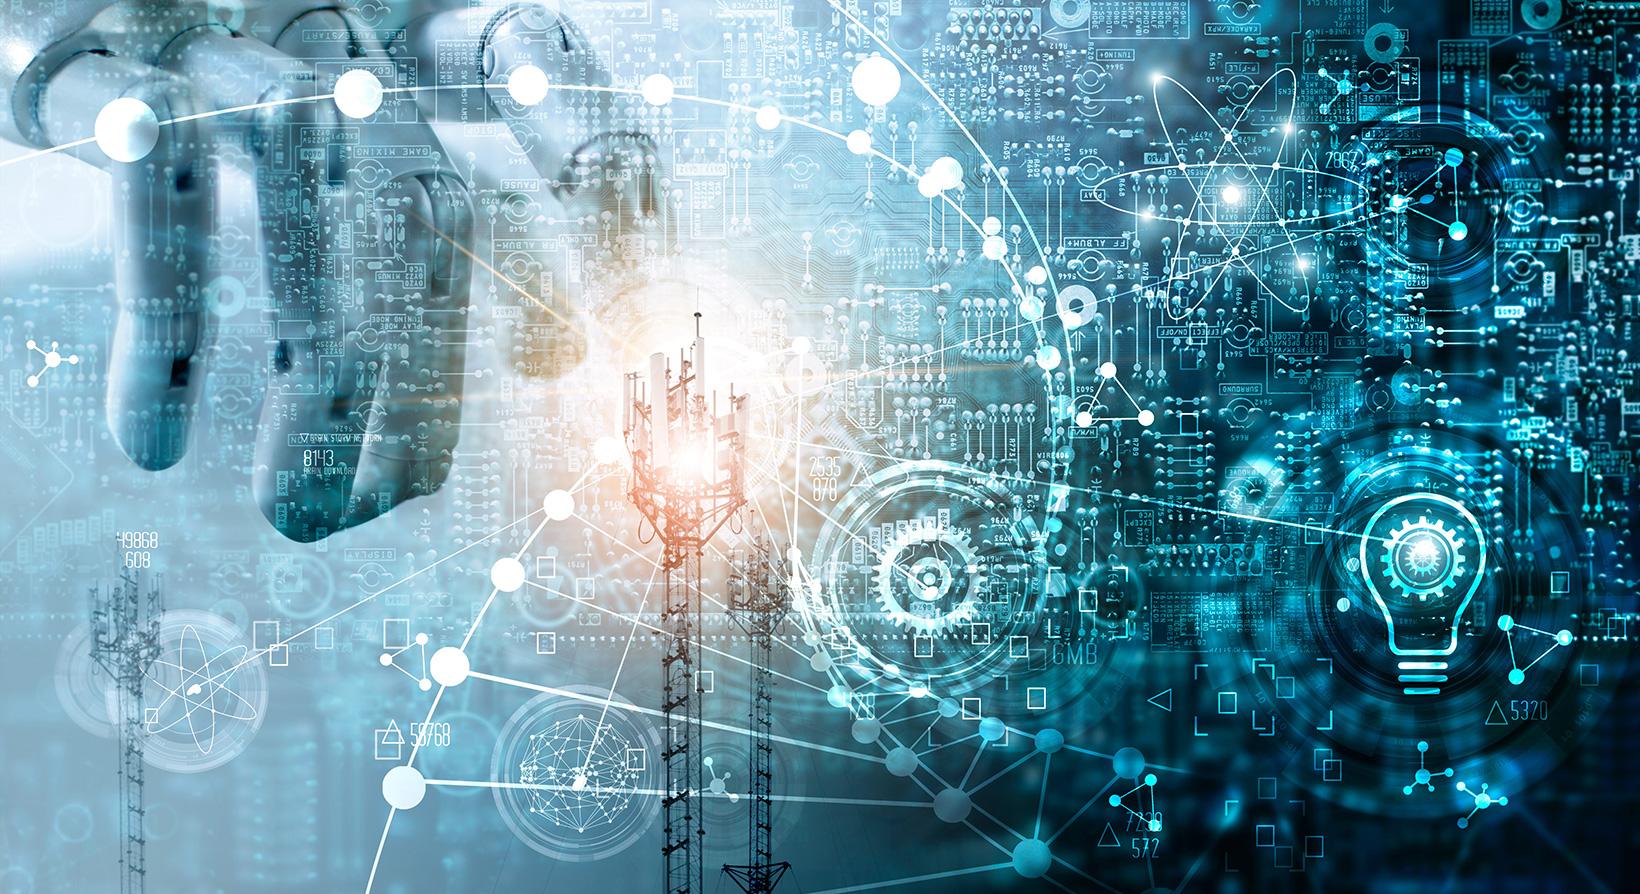 智慧社区如何利用智能环境监控技术,提高服务质量?